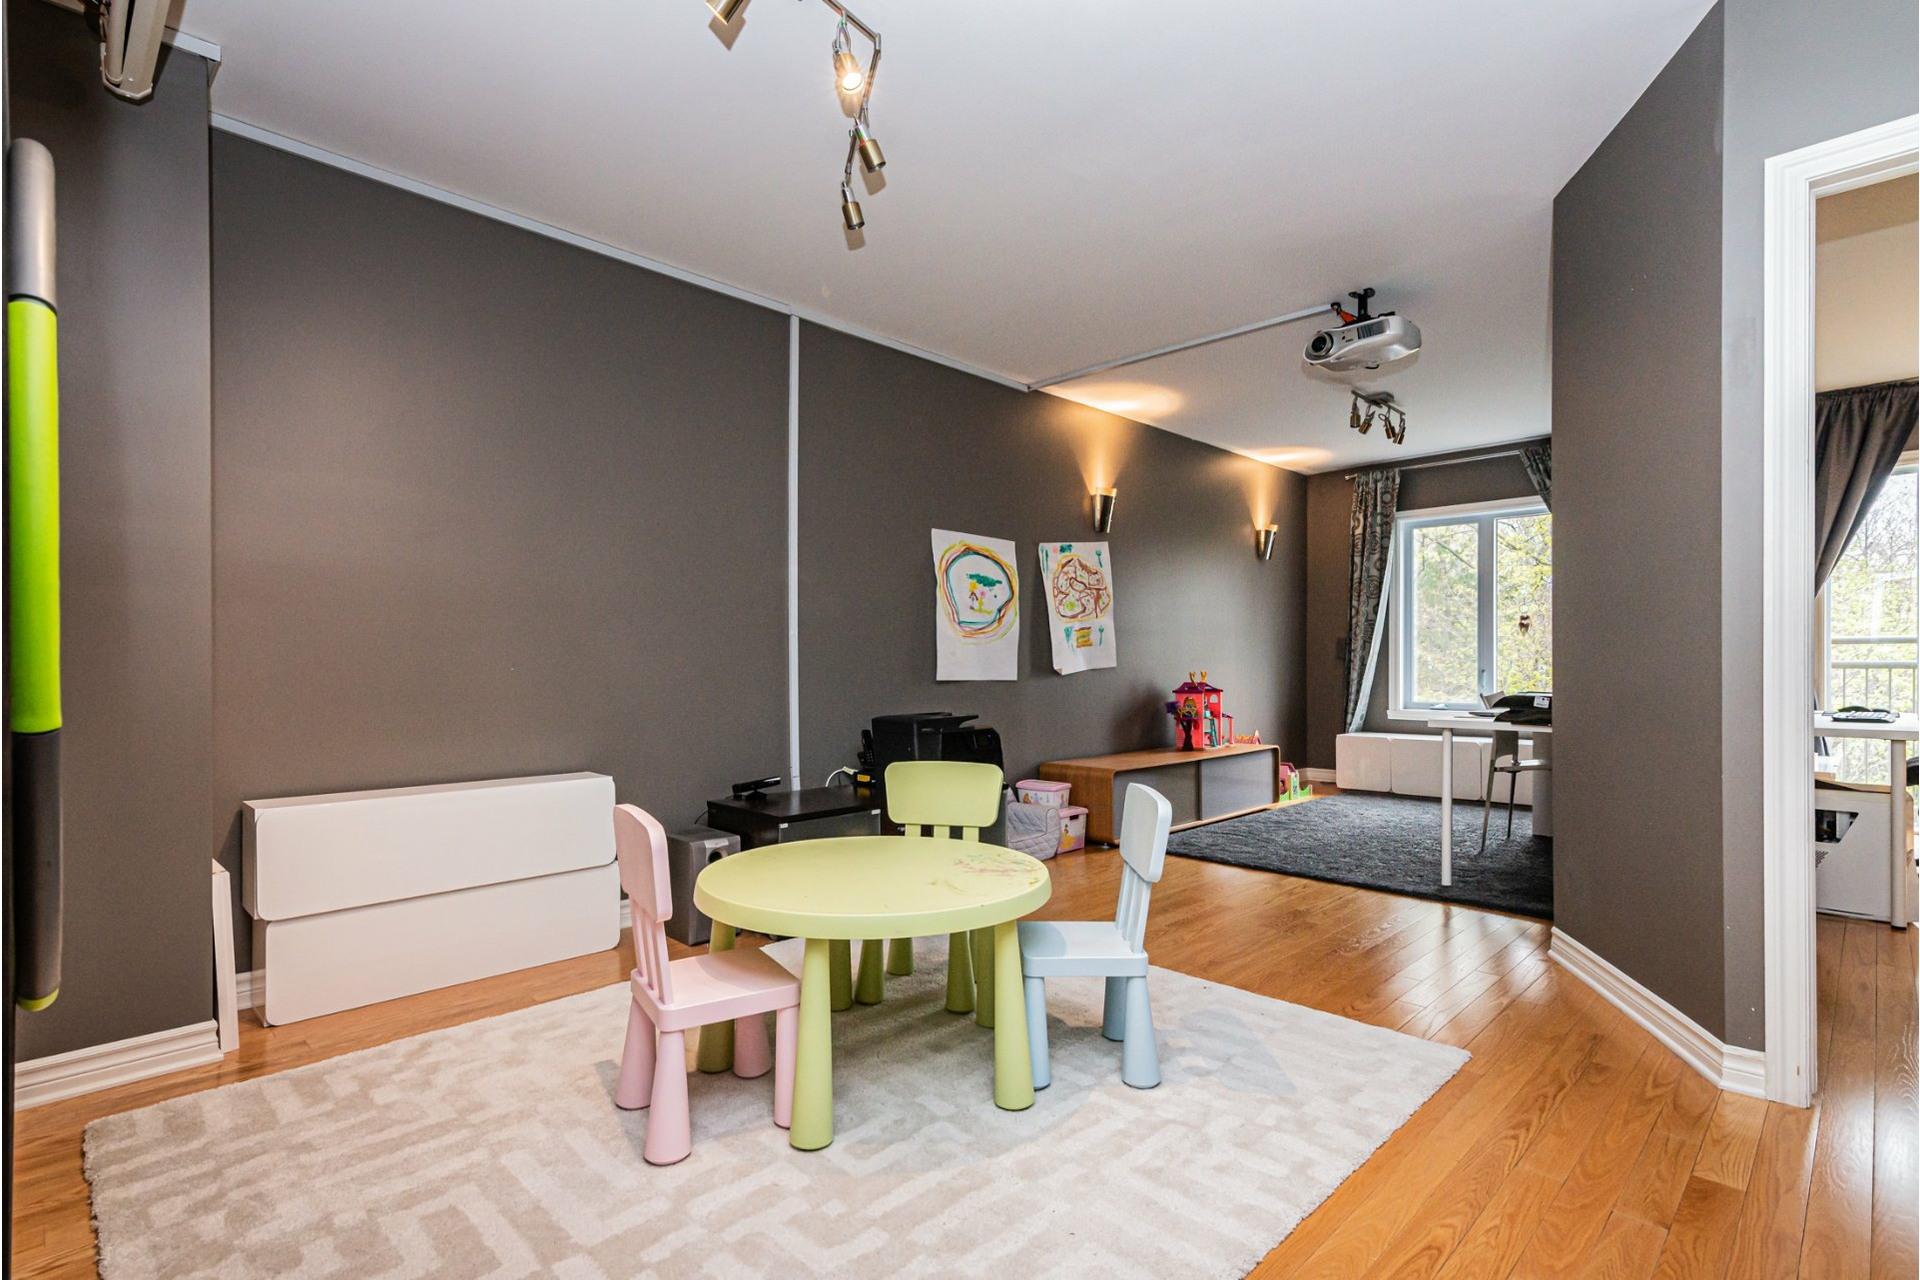 image 24 - Maison À vendre Côte-des-Neiges/Notre-Dame-de-Grâce Montréal  - 11 pièces